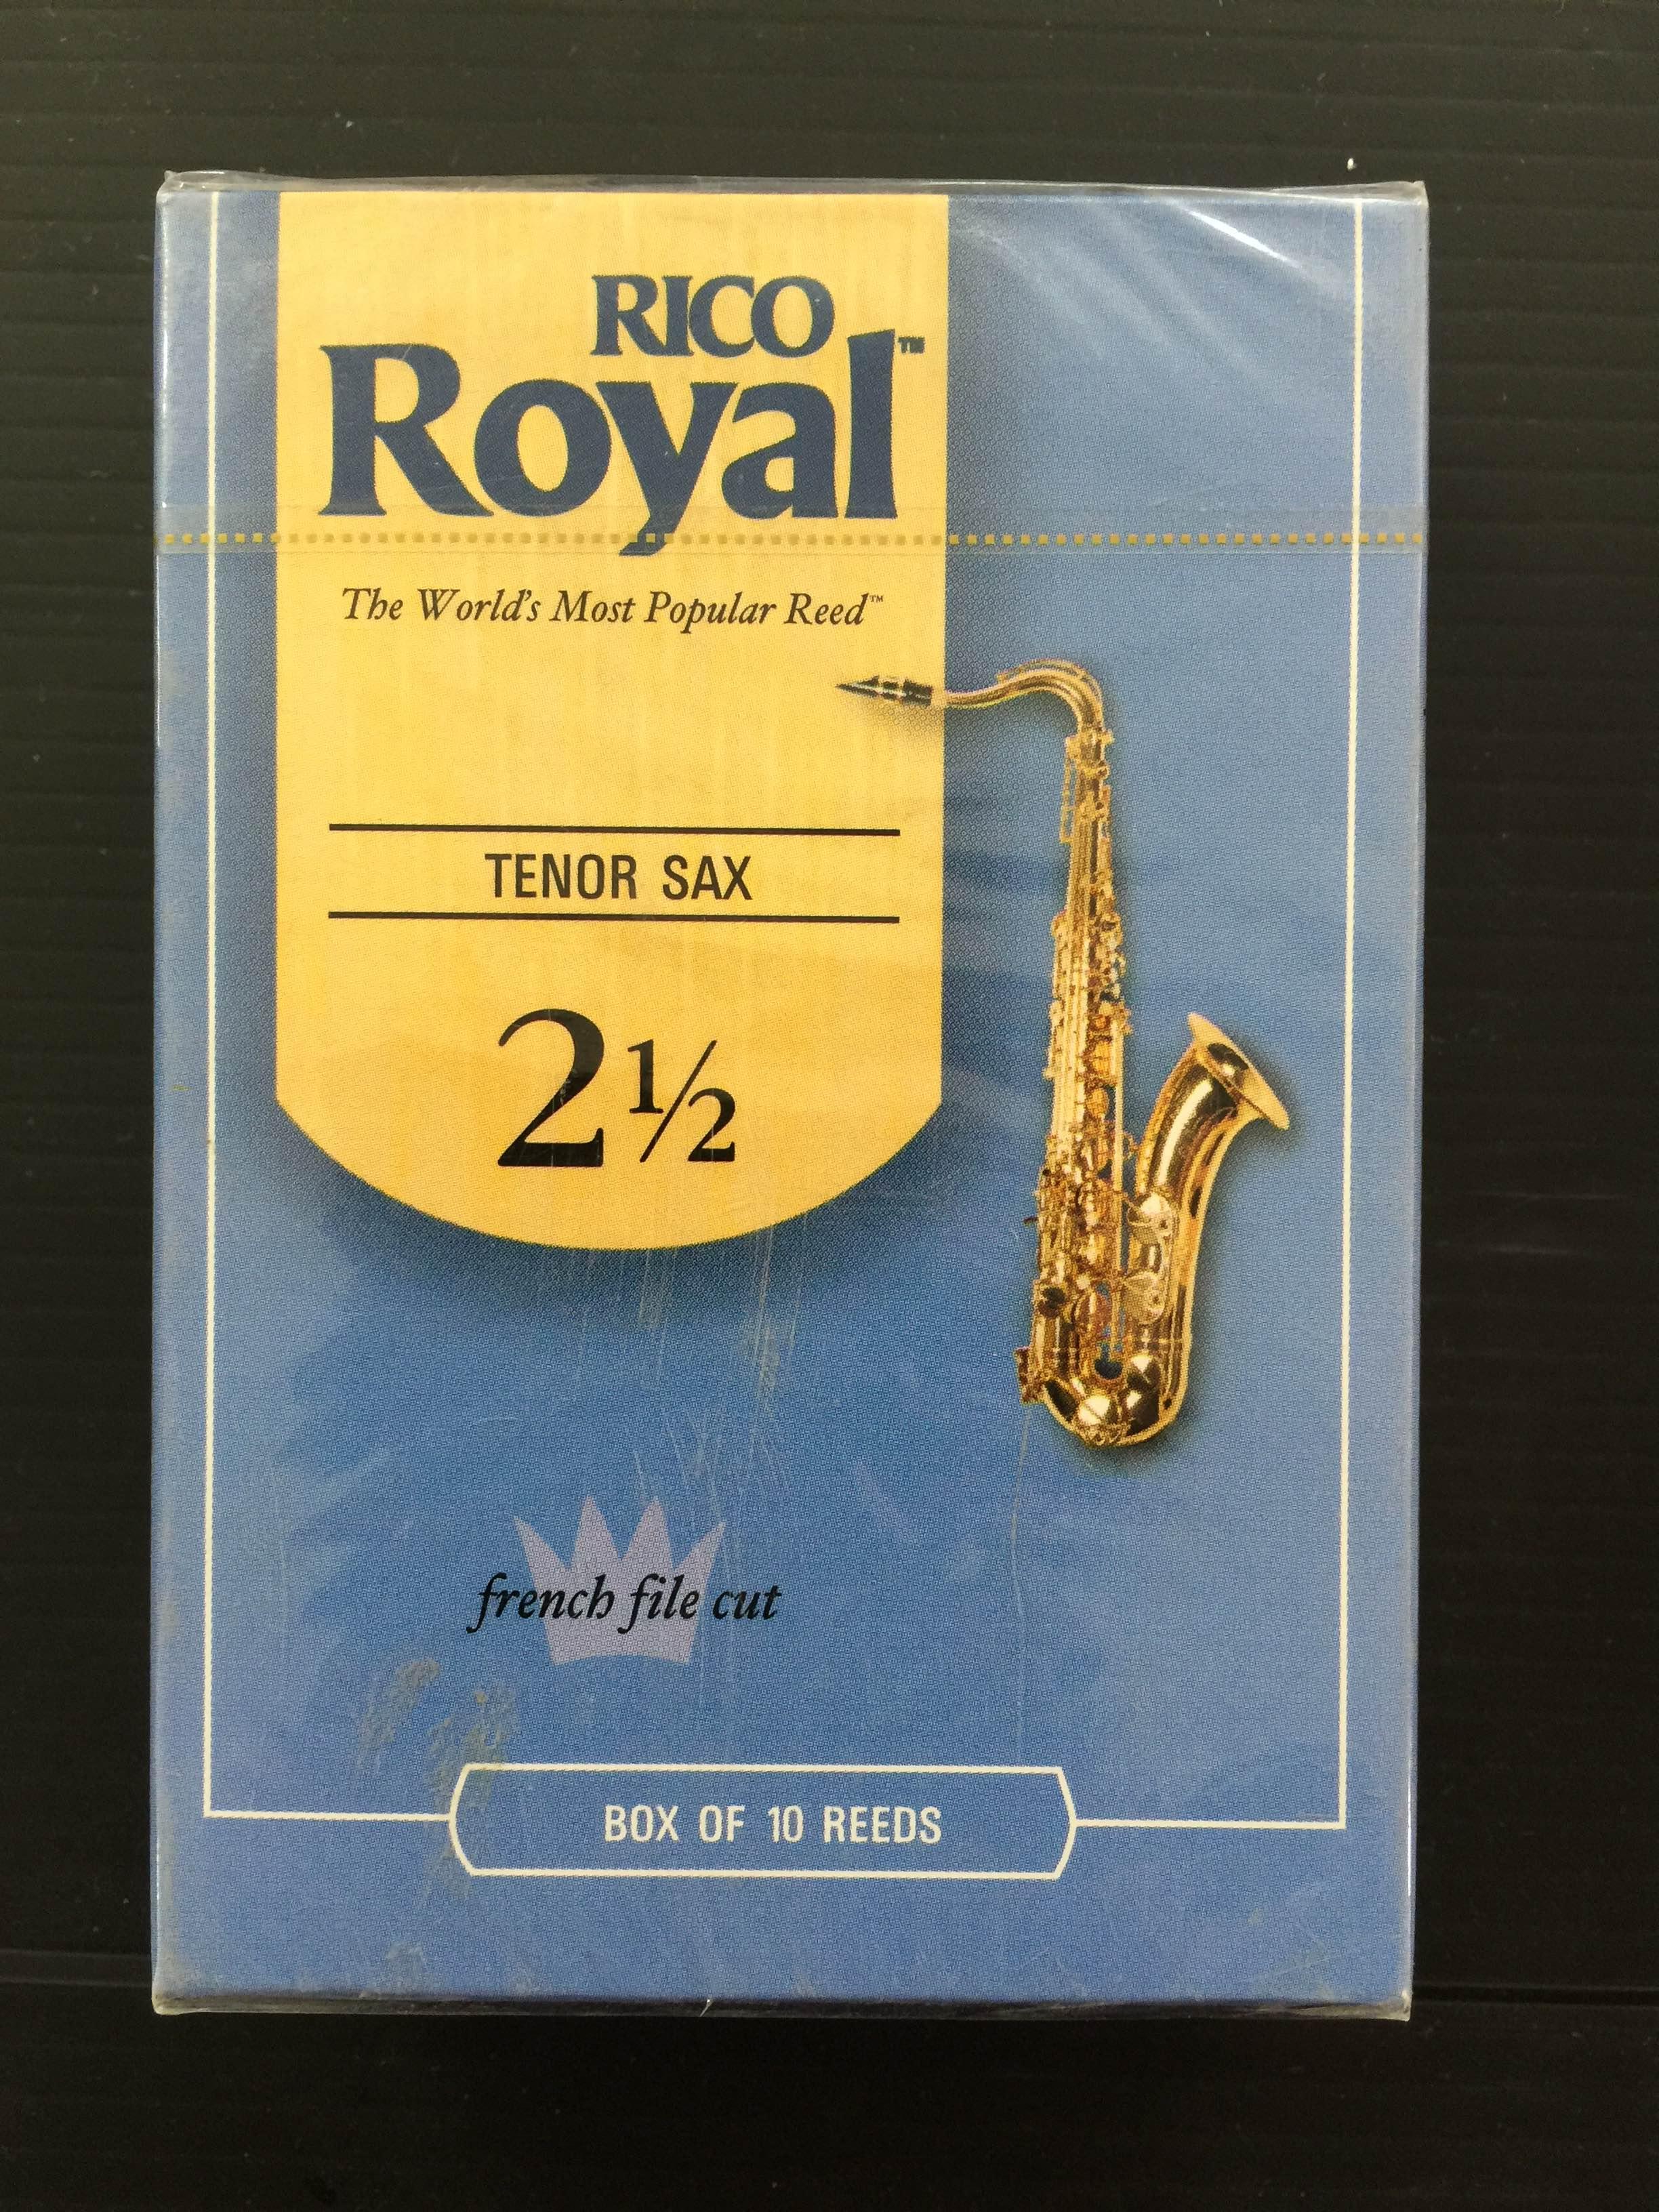 קופסה של 10 עלים RICO/RICO ROYAL סקסופון טנור